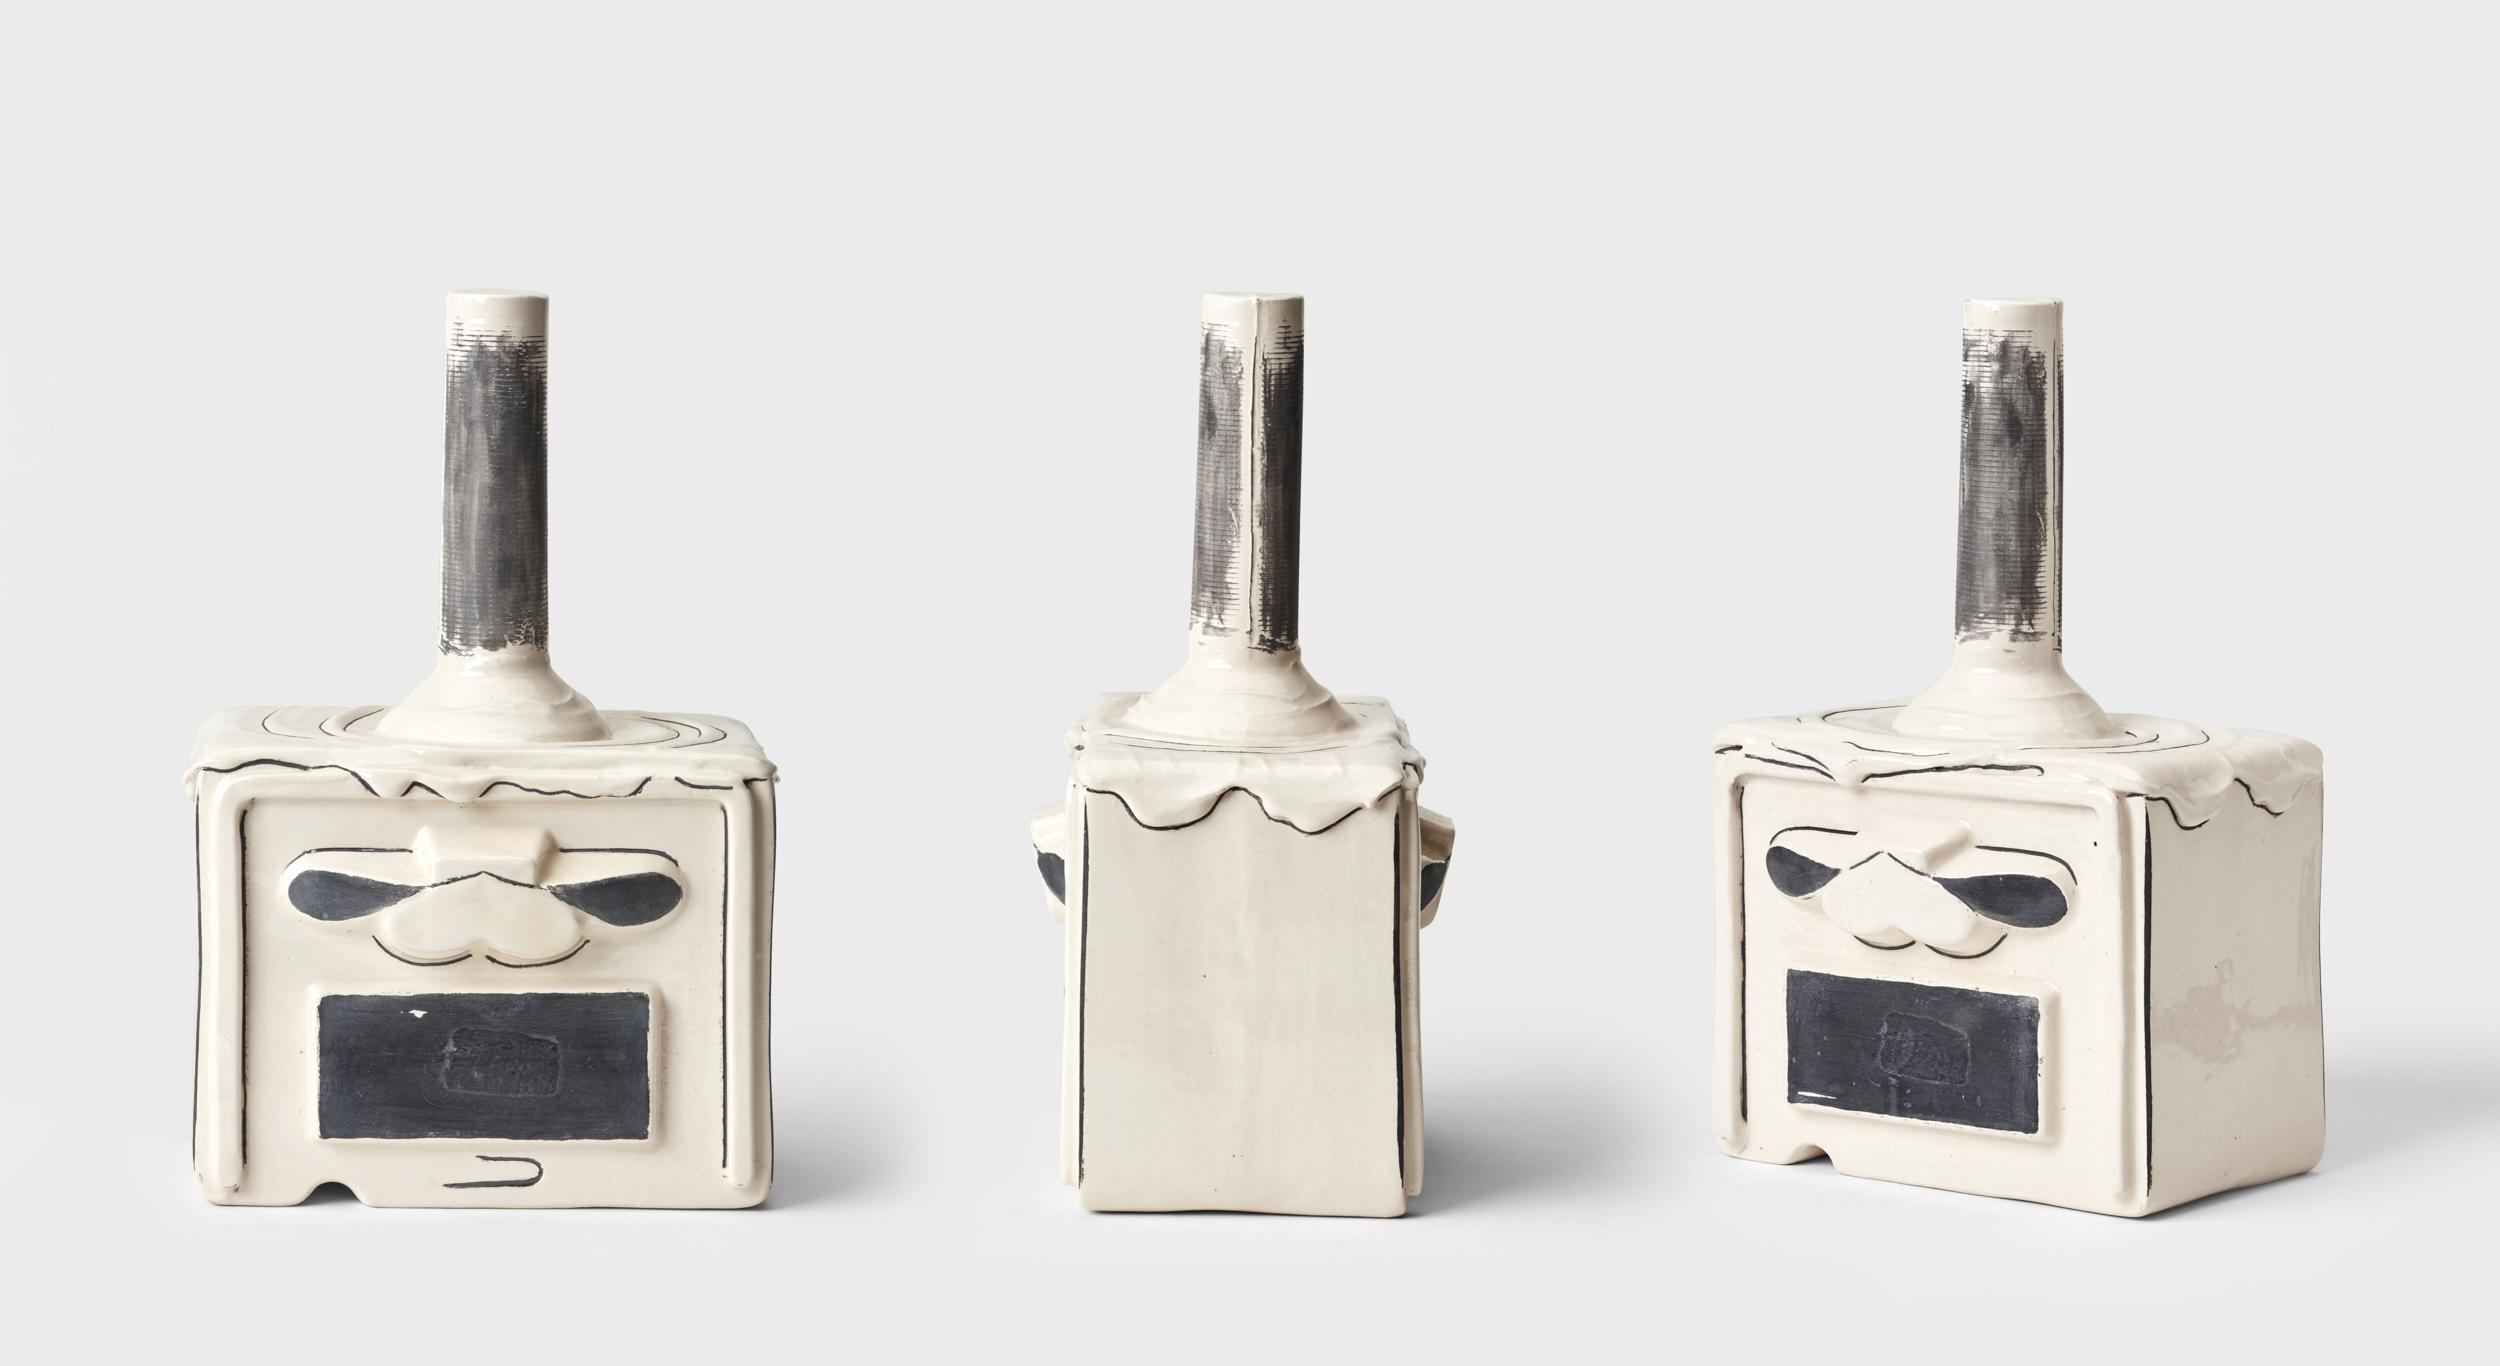 De la serie The molotov party, 2017. Cerámica. arcilla blanca, 3 quemas entre 1123 a 800 grados C, esmaltado blanco y engobe negro bruñido. 23 x 14.5 x 11 cm